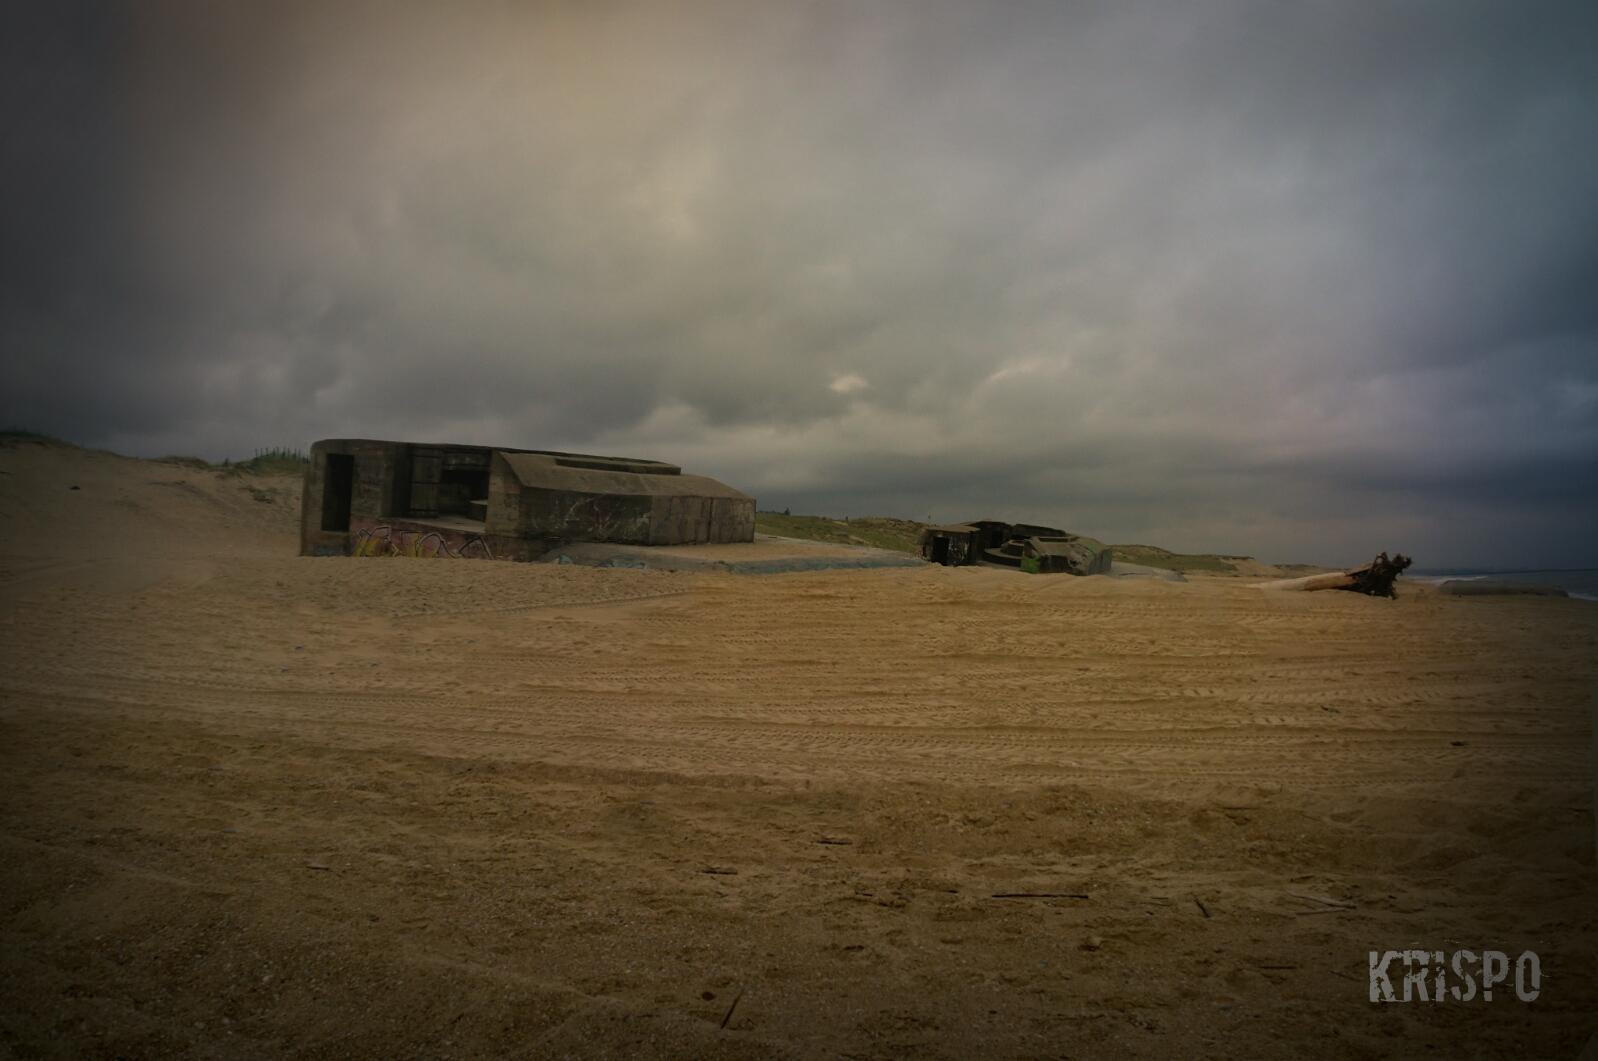 tres bunkers de la segunda guerra mundial abandonados en playa